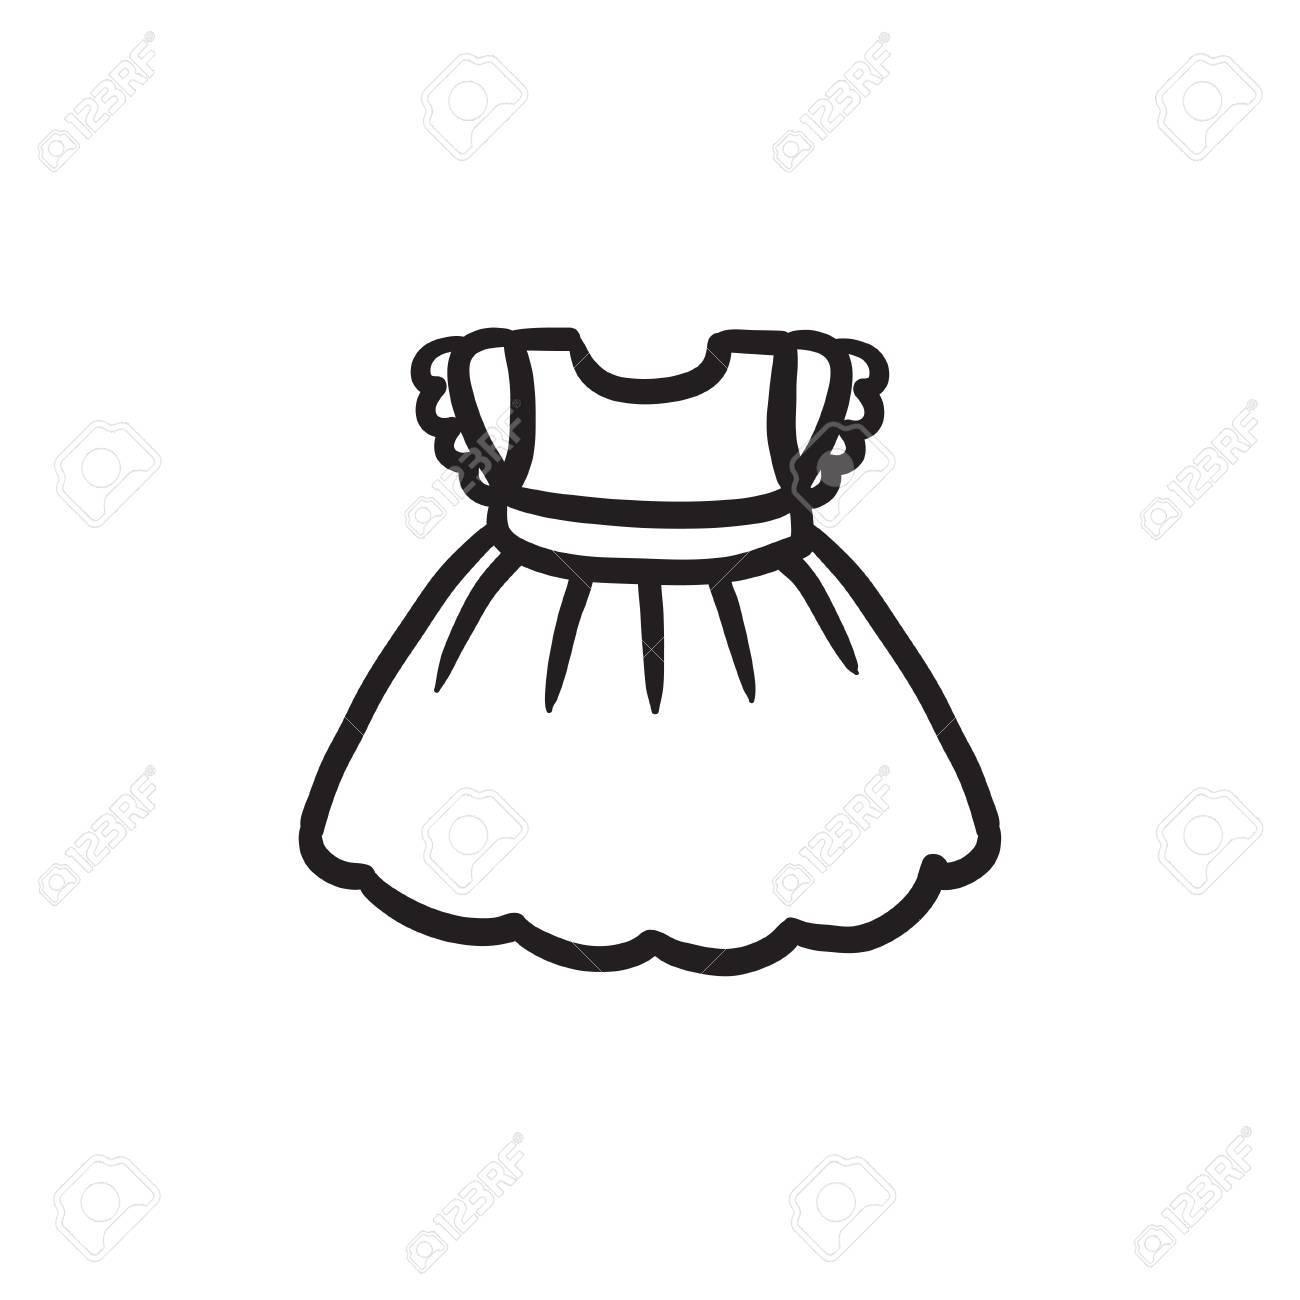 Dibujo FondoDibujado Bebé Vector Mano Icono A Aislado En BebéBoceto Vestido De El Del lF1TcKJ